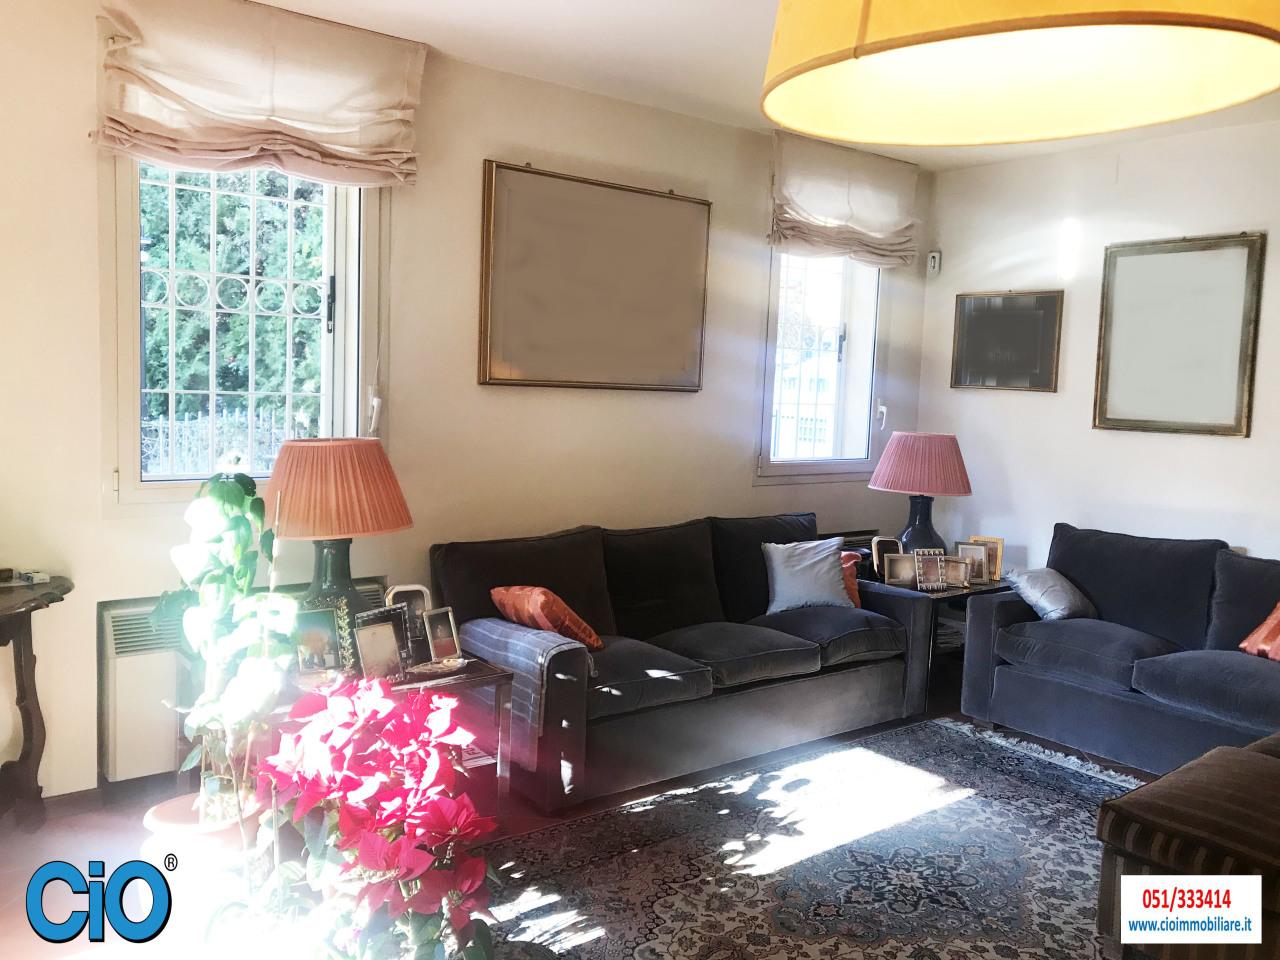 Casa semi-indipendente in vendita a Costa Saragozza, Bologna (BO)